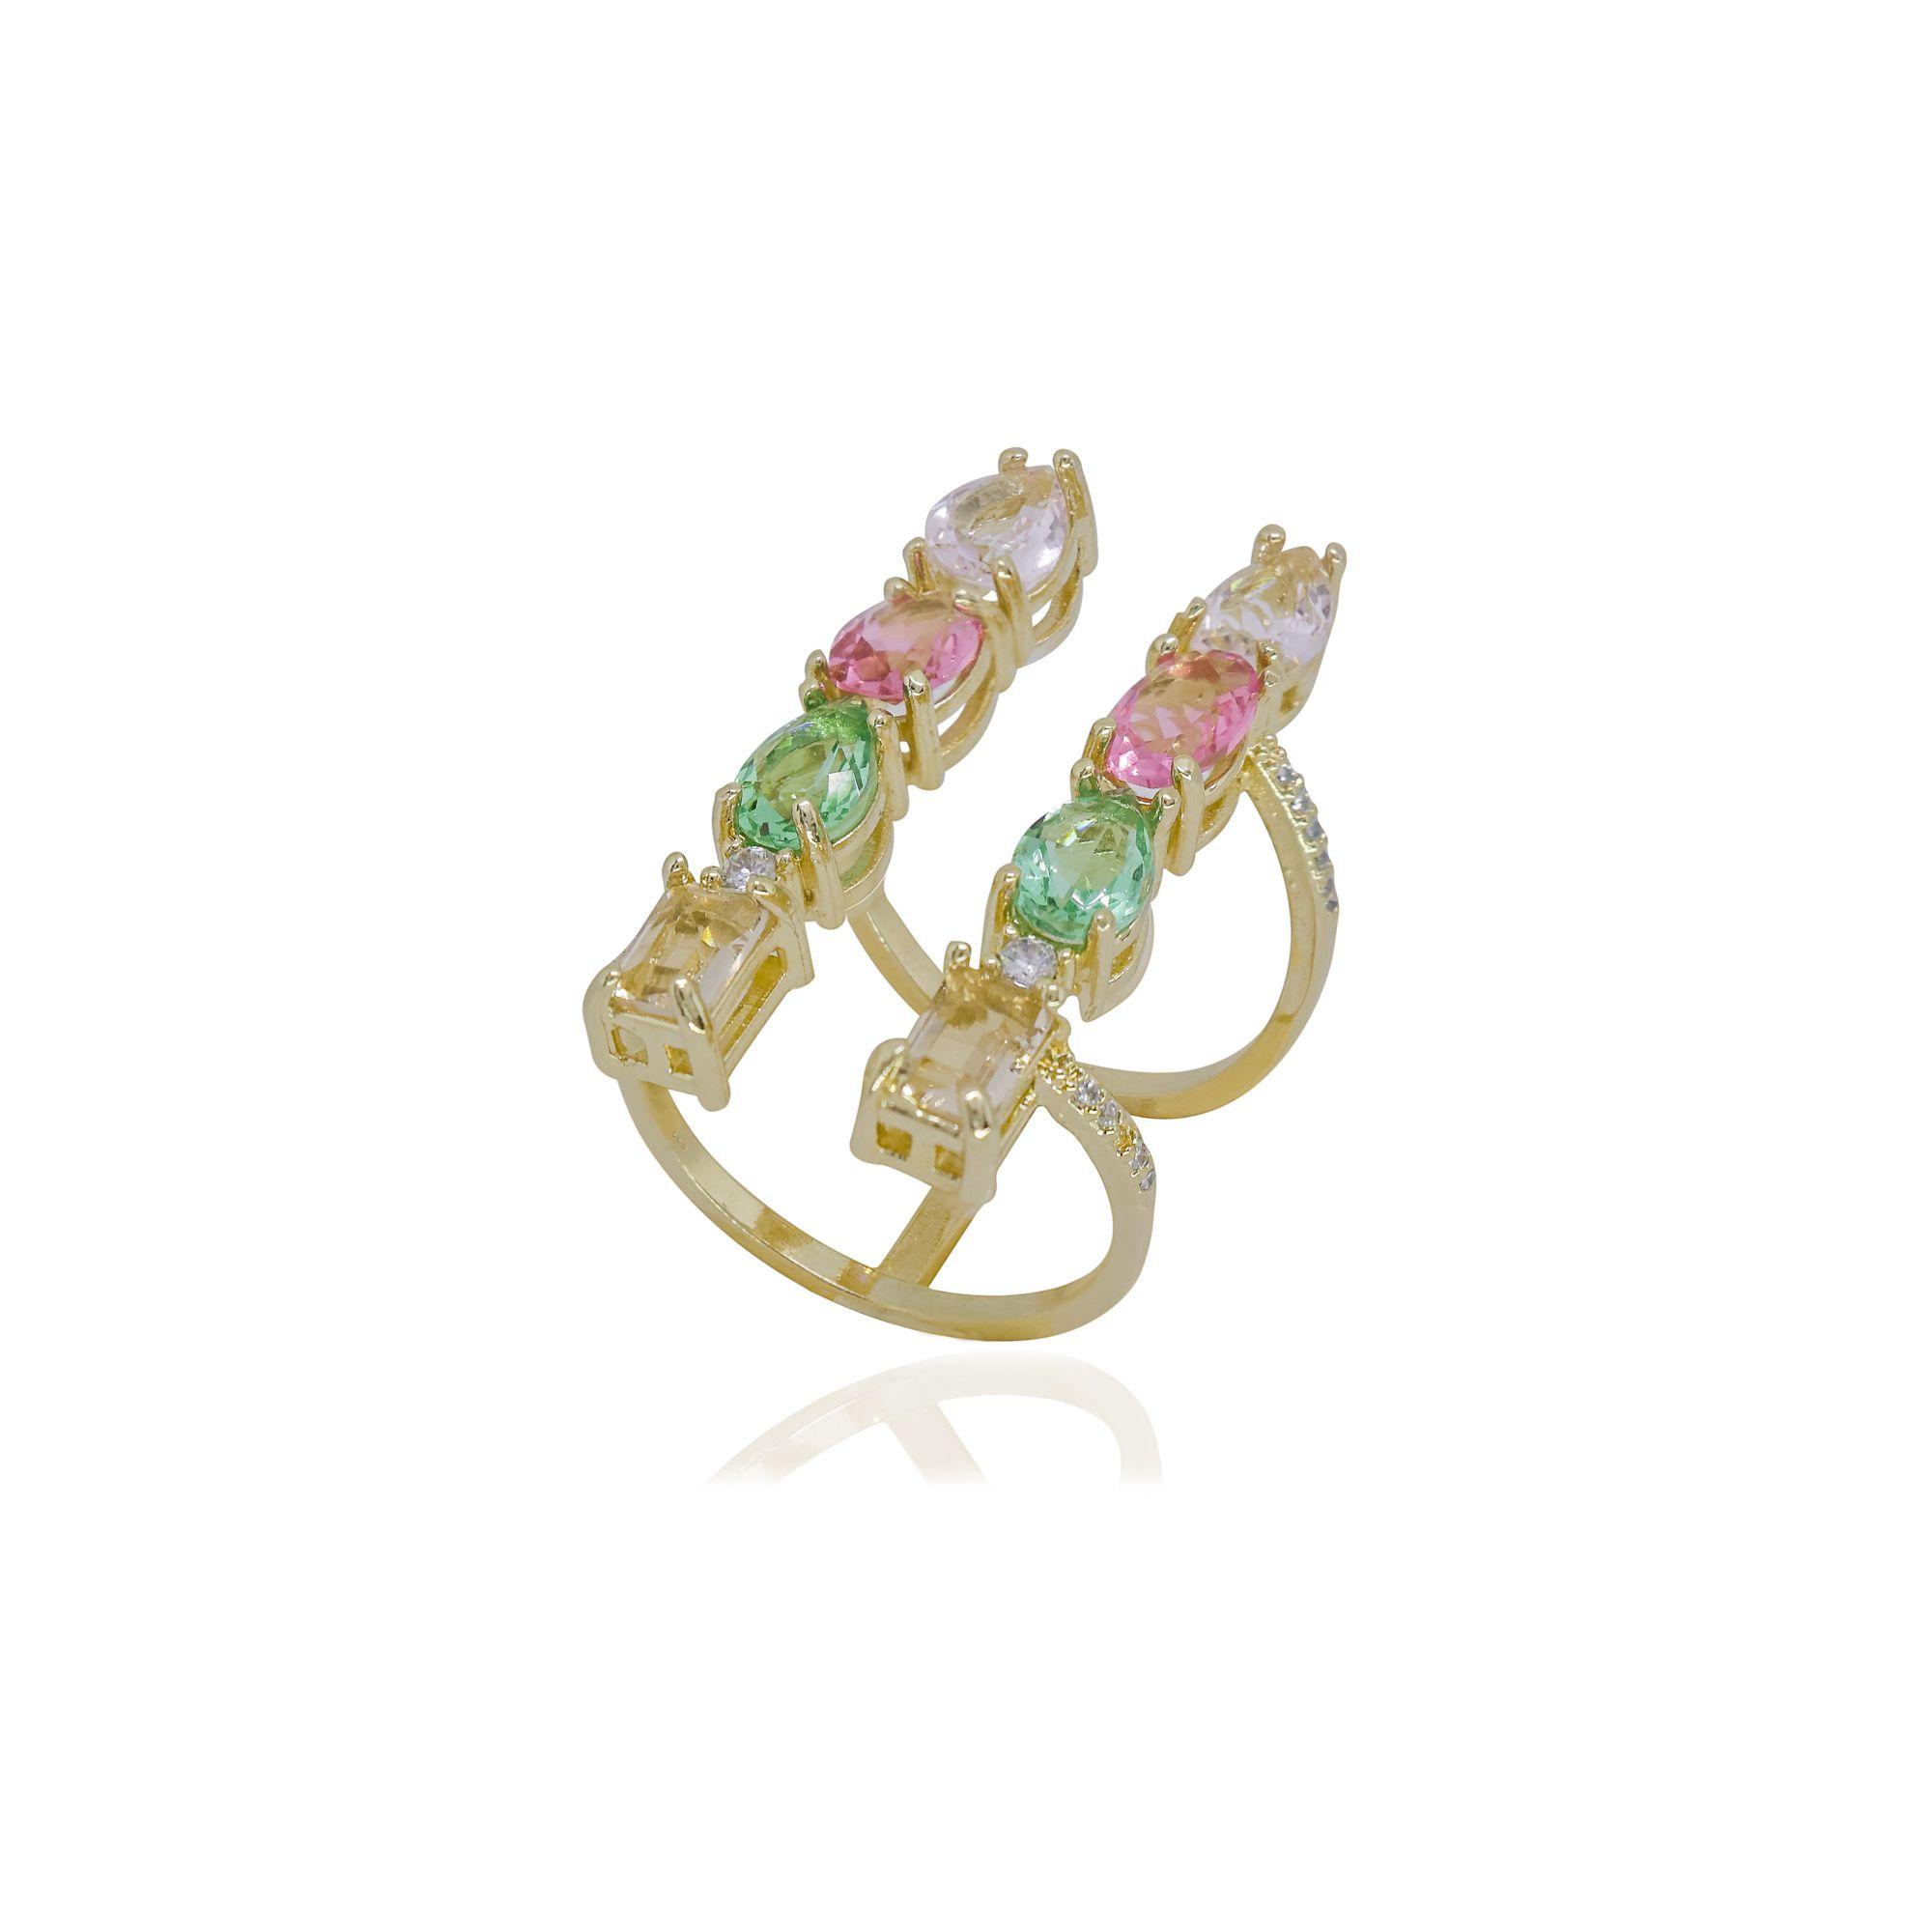 Anel regulável semi joia Colorato com cristais, microzircônias e banhado a ouro 18k ou rhodium